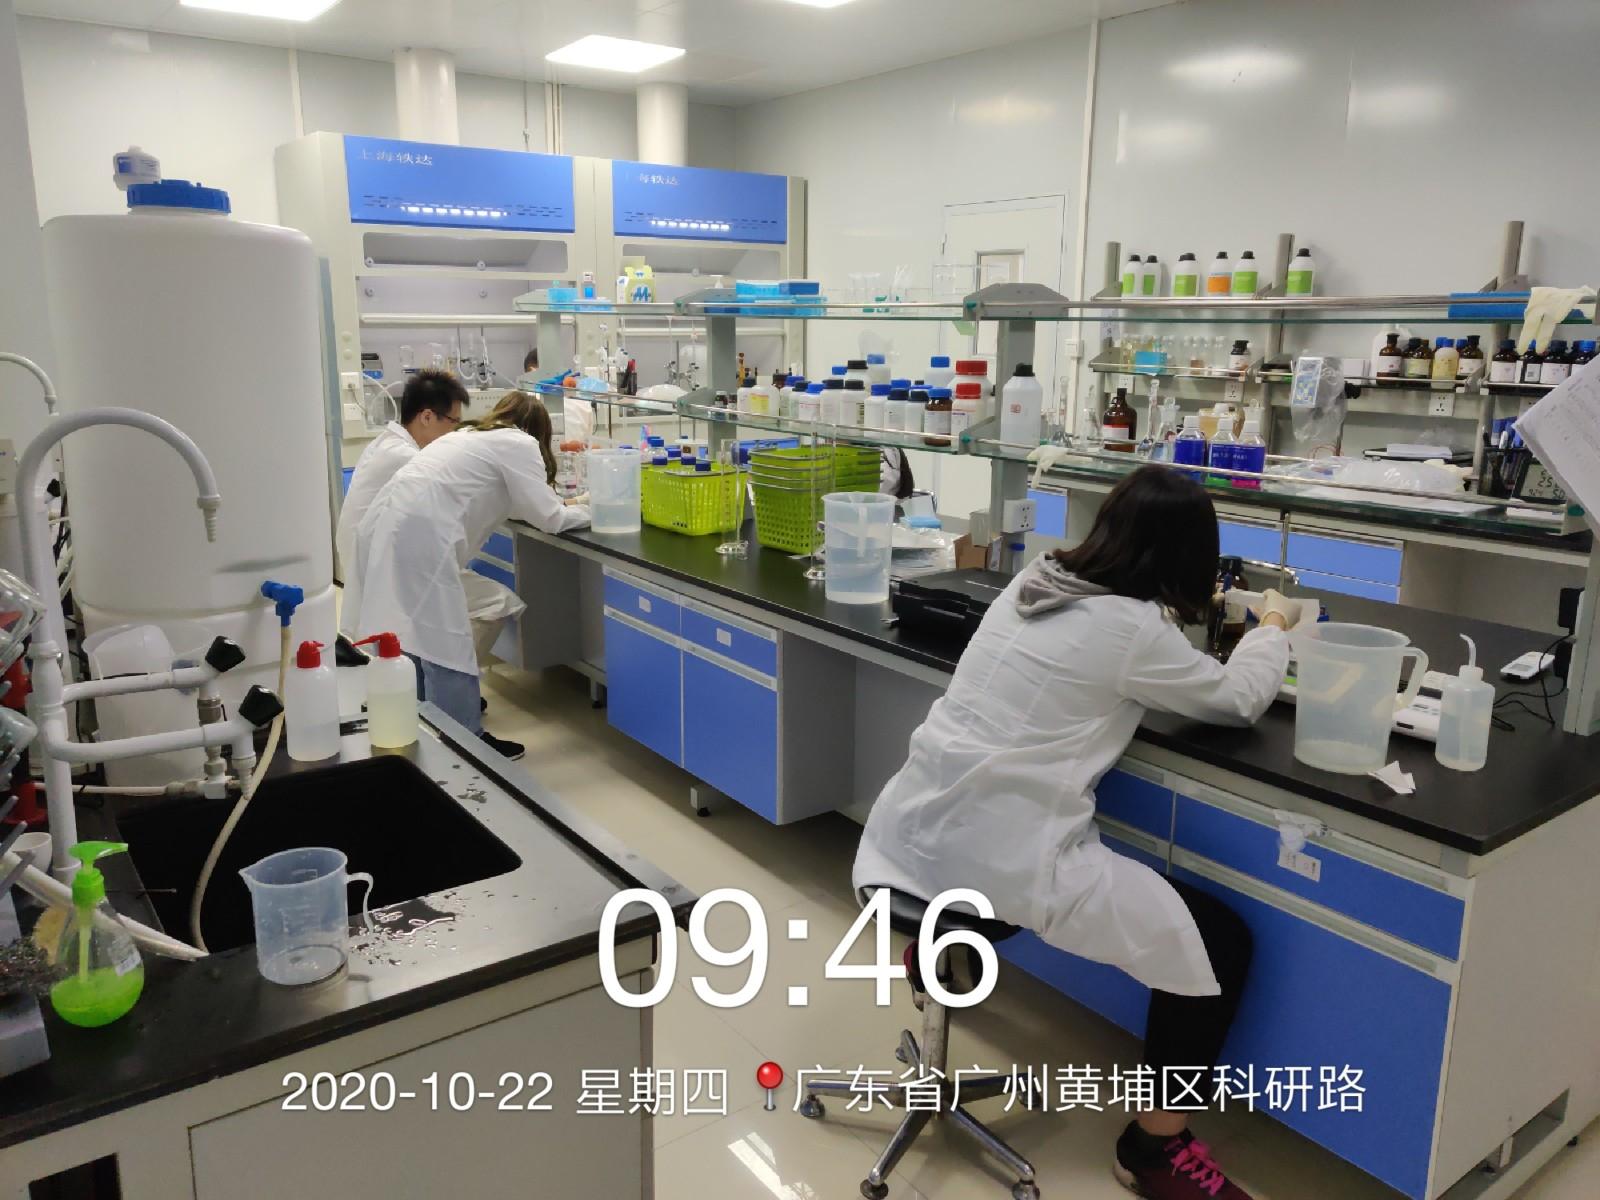 微信图片_202010221421434.jpg